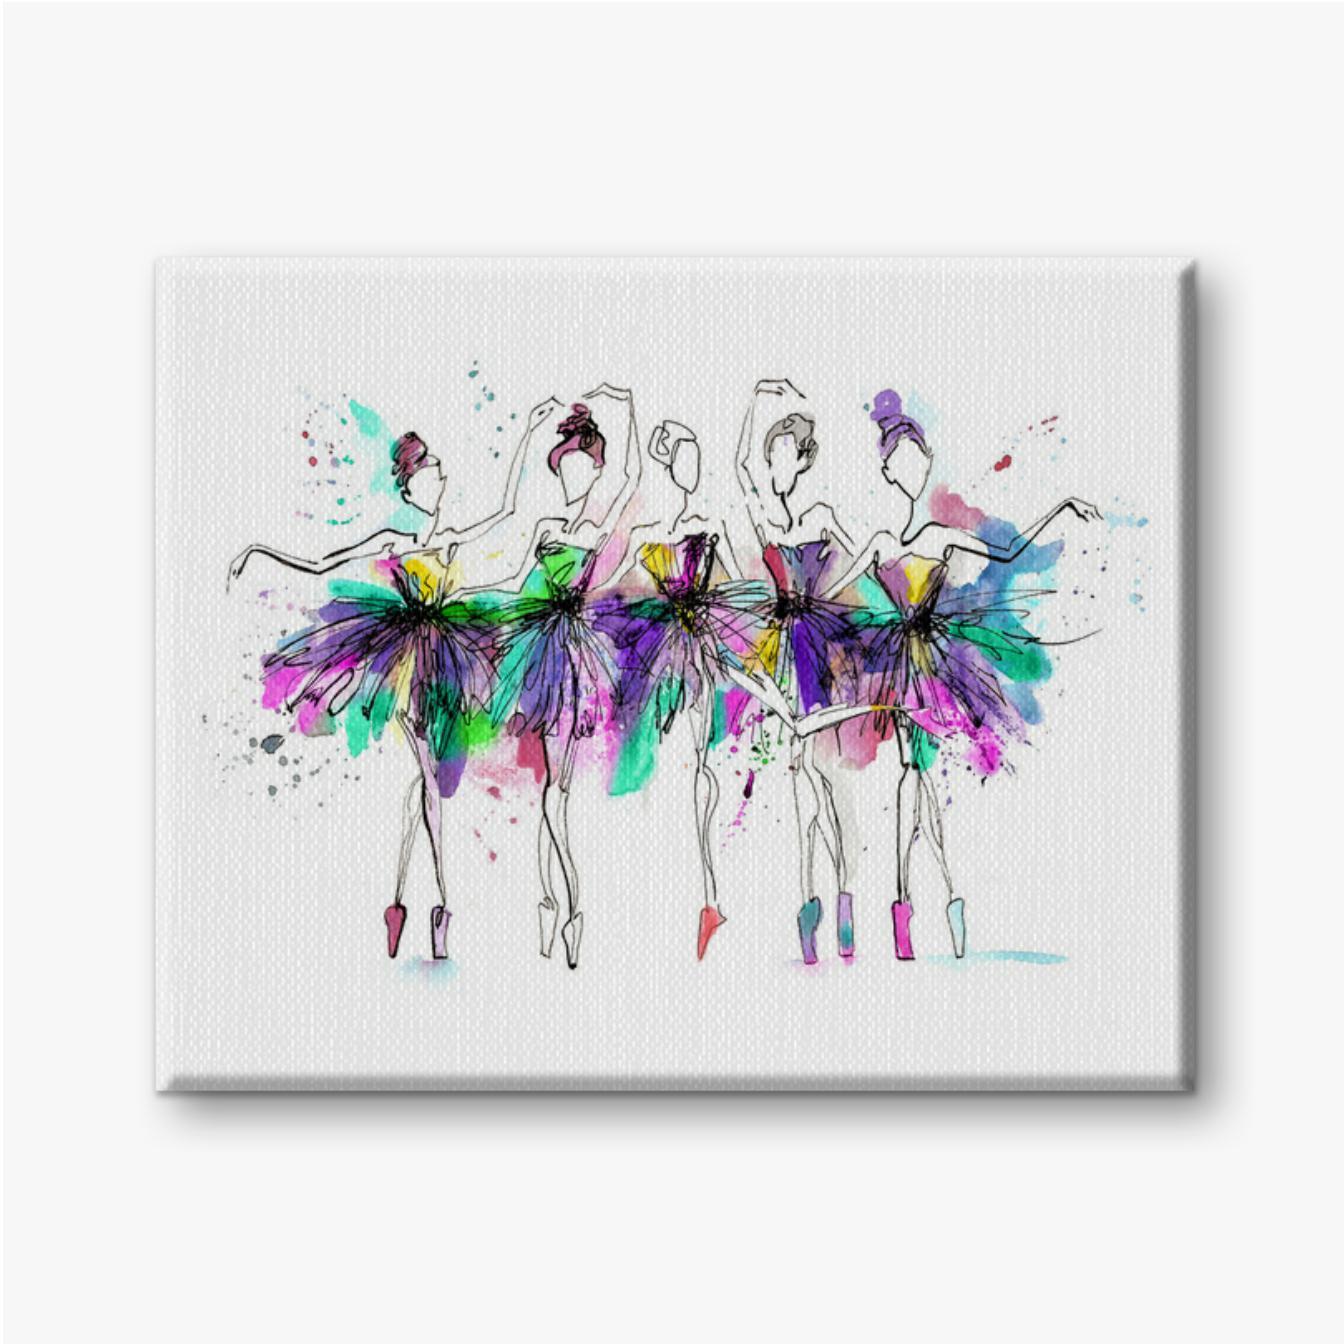 Aquarell-Silhouetten von Ballerinas. Helles Spray. Tanzen. Lichtblicke, Ballett Tutu. verschiedene Posen